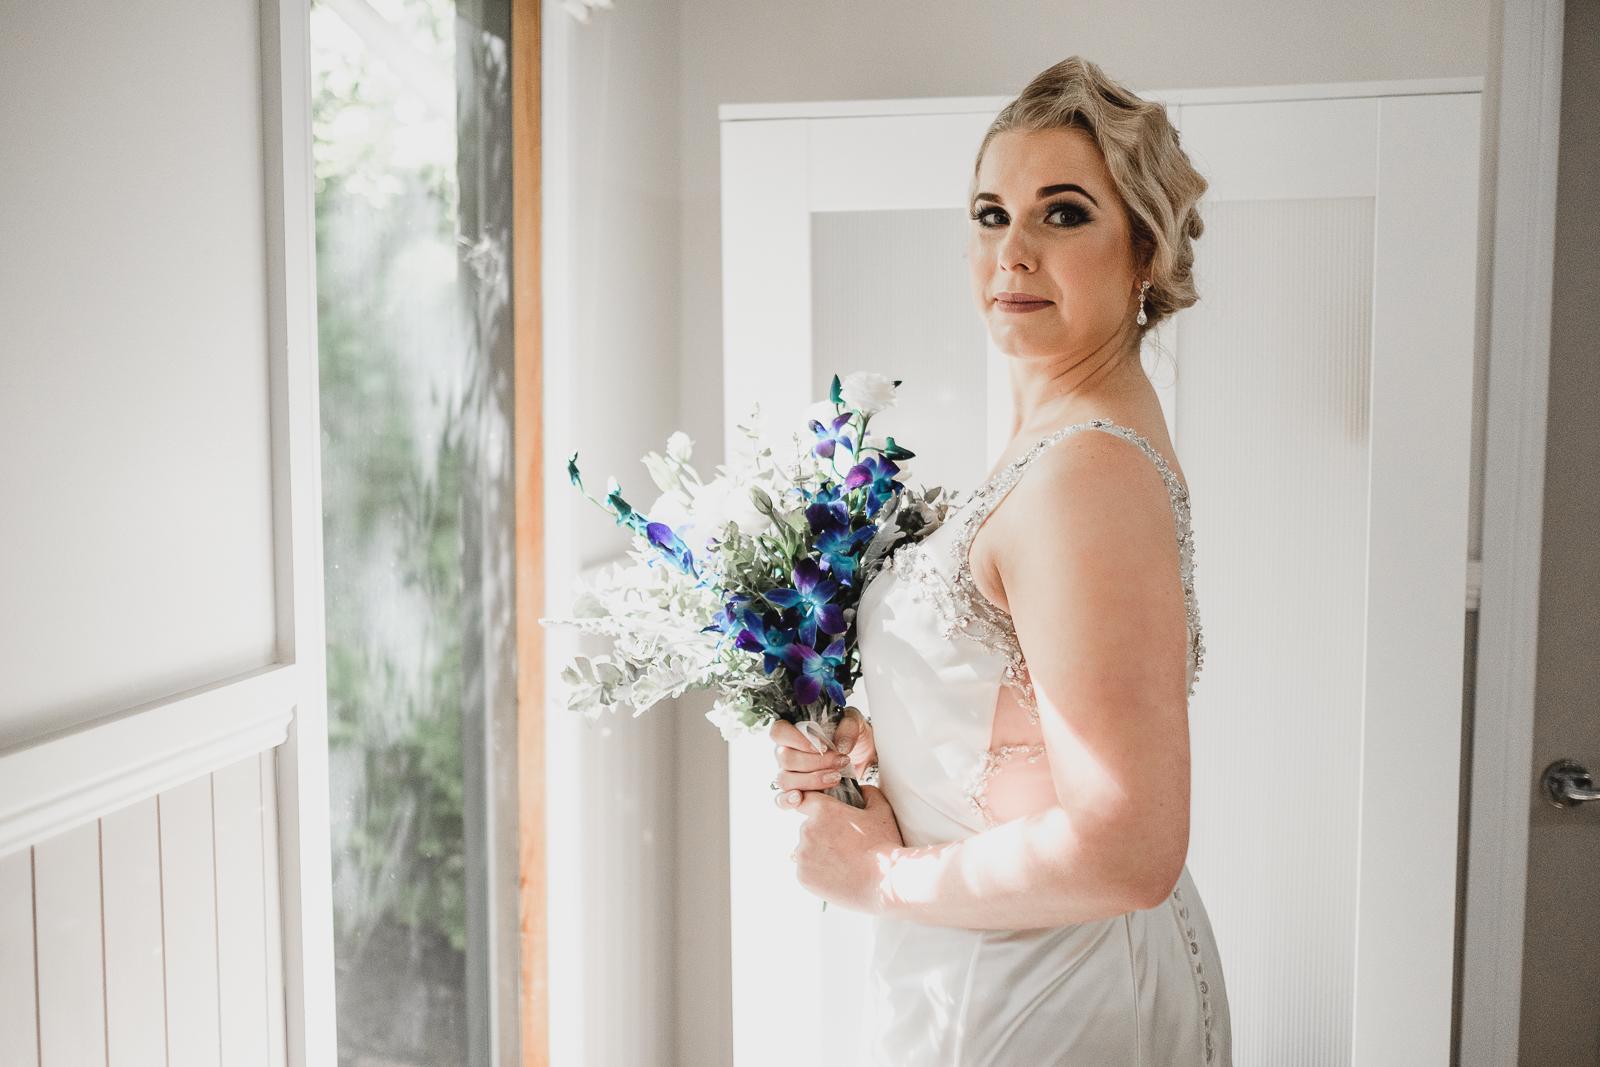 ArtAroundPhotos-jax_wedding-28.10.18-44.jpg